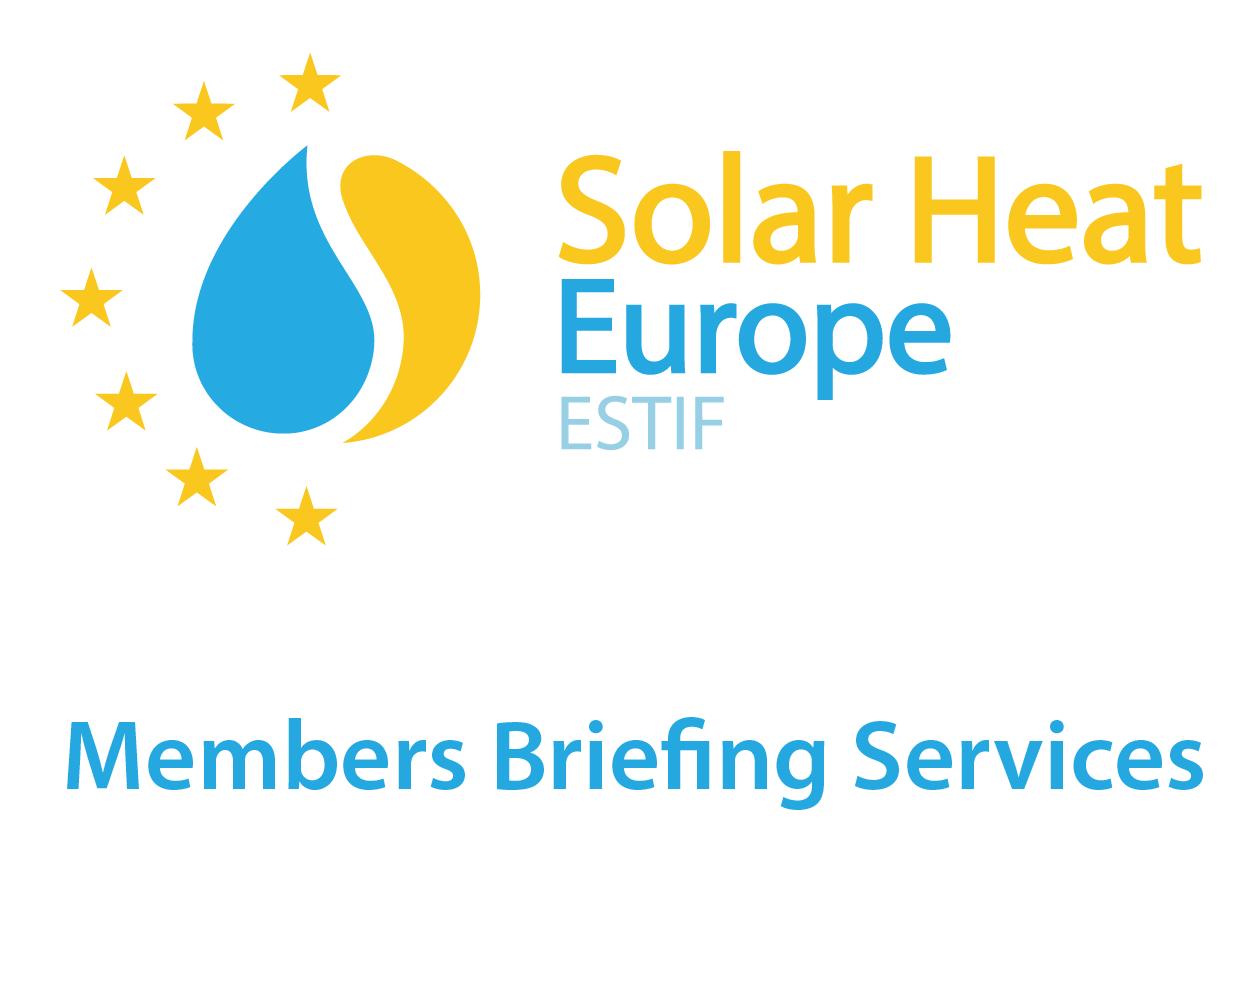 Solar Heat Europe – Members Service Briefings